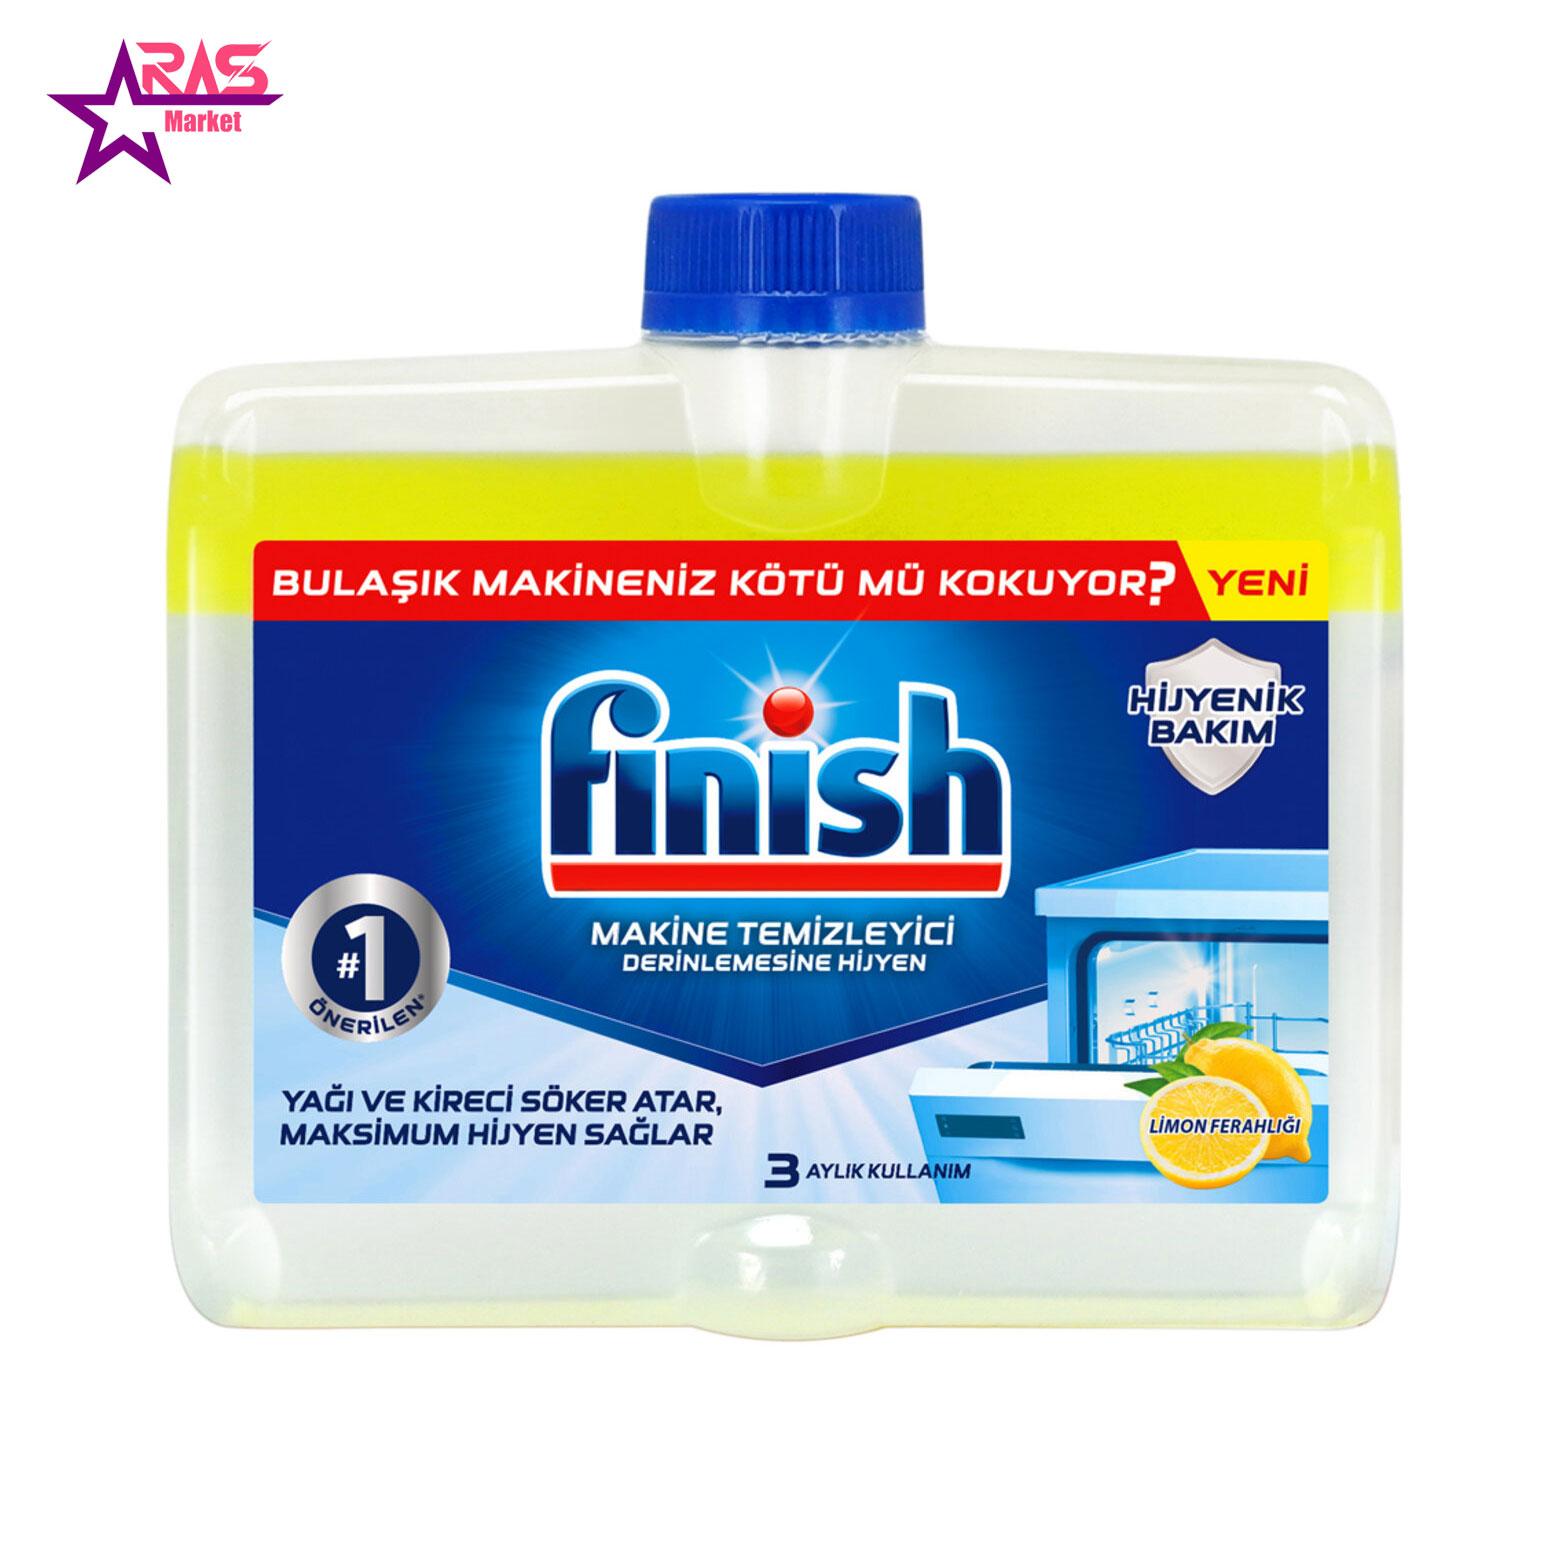 جرم گیر دوقلوی ماشین ظرفشویی فینیش هر کدام 250 میلی لیتر ، فروشگاه اینترنتی ارس مارکت ، بهداشت خانه ، محصولات ظرفشویی